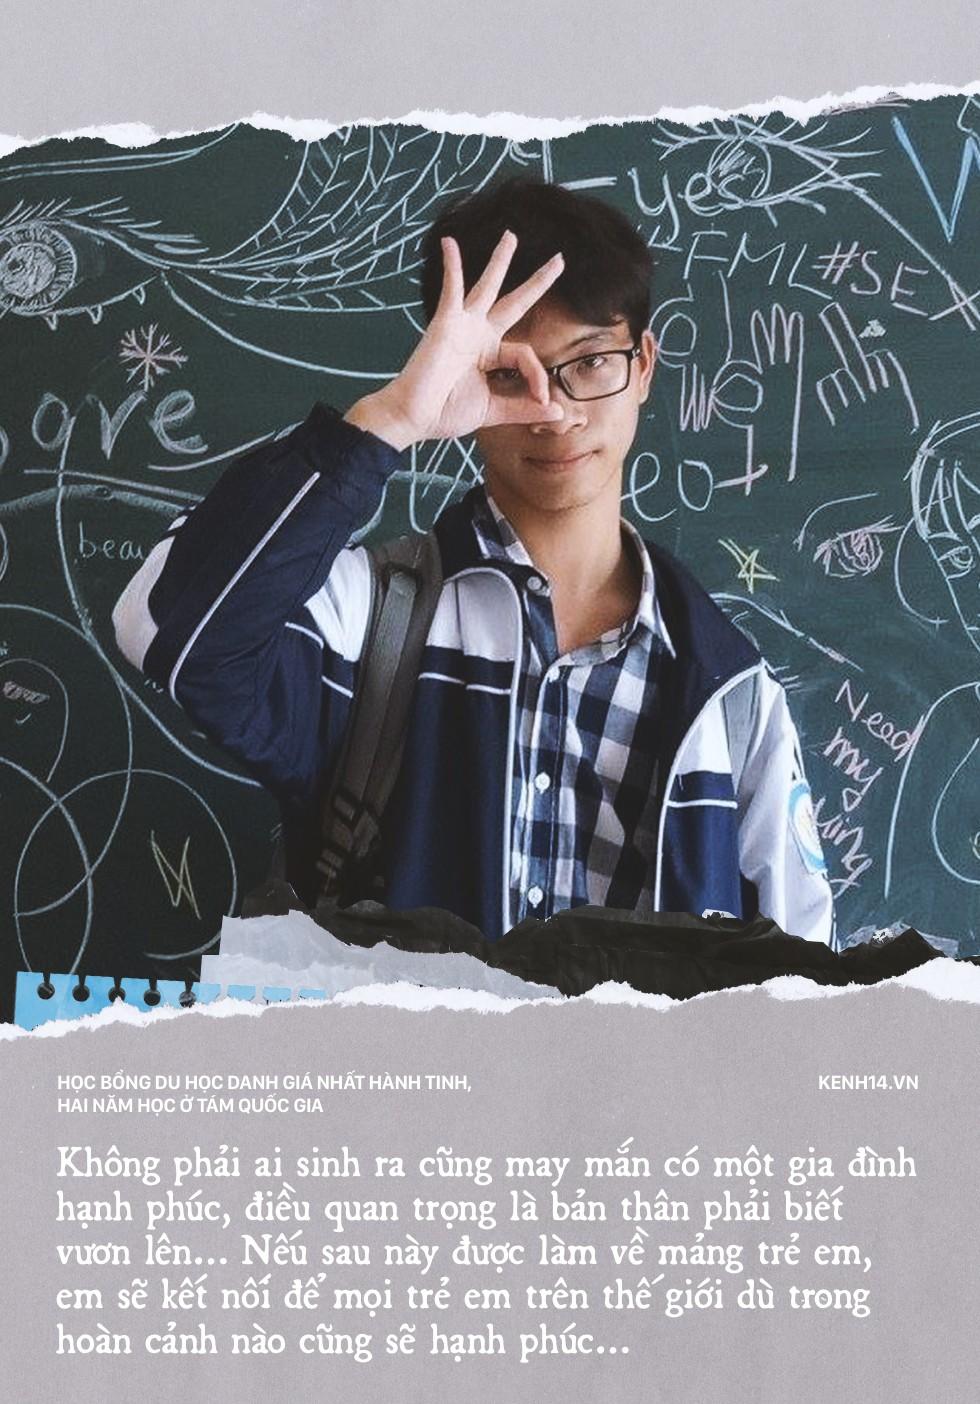 Mới học lớp 10, cậu bạn Nghệ An giành học bổng danh giá nhất hành tinh: 2 năm du học 8 quốc gia - Ảnh 2.